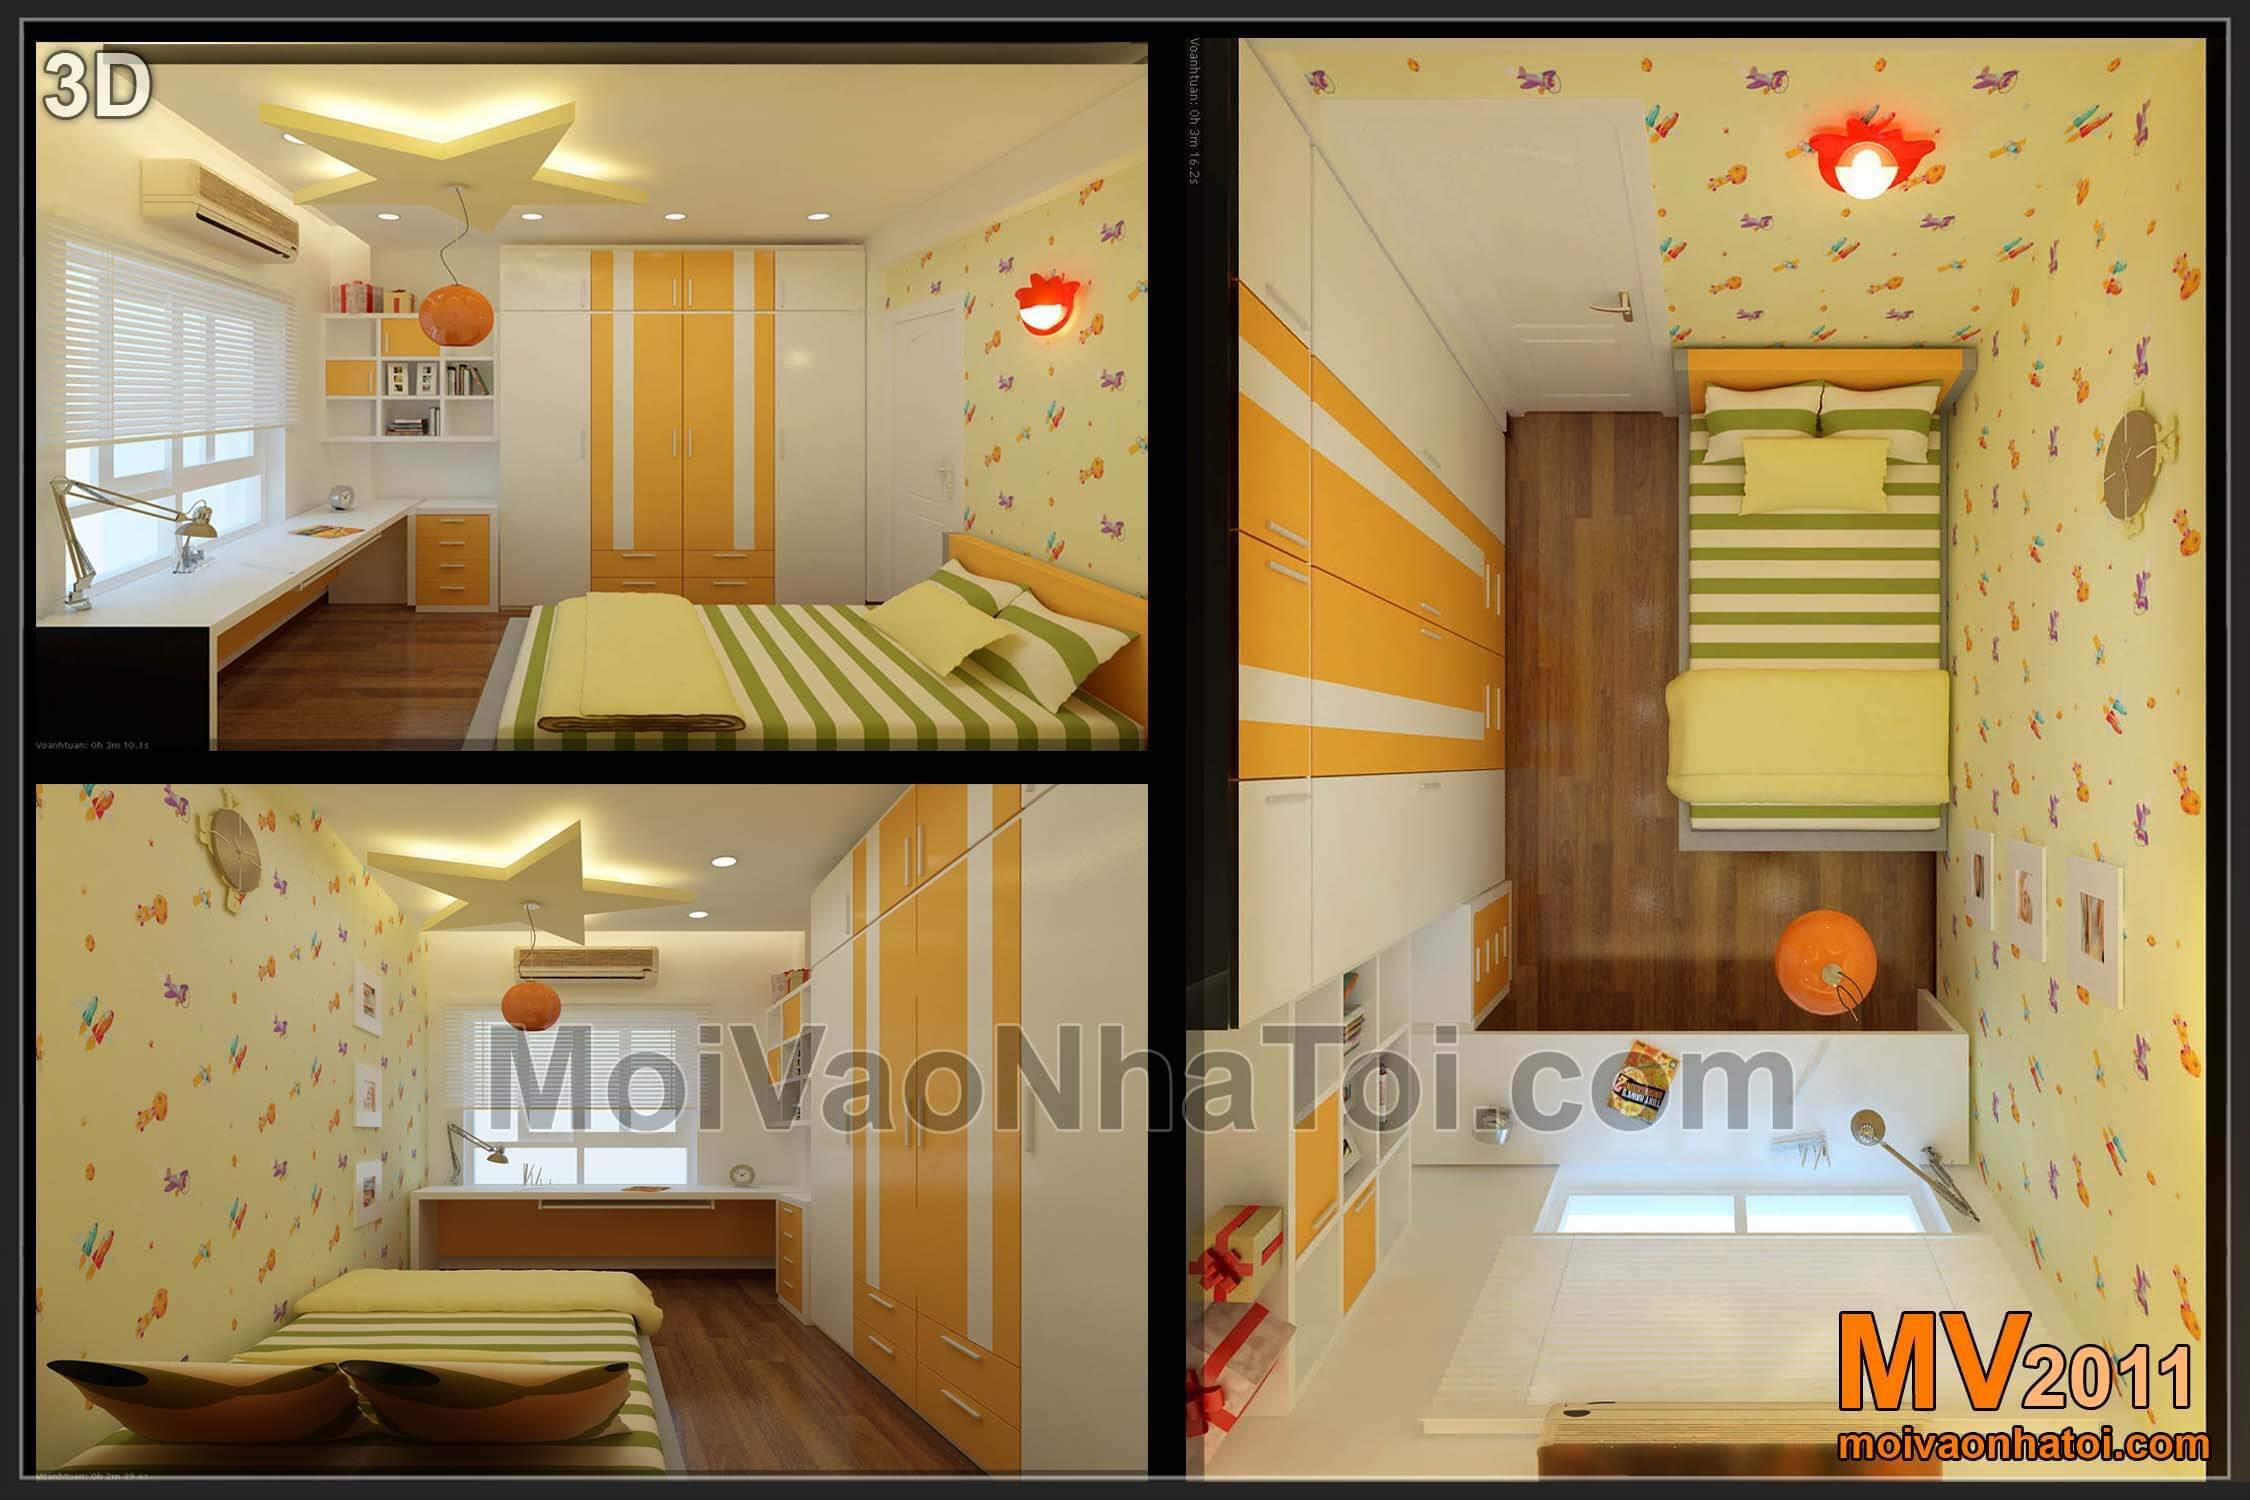 Thiết kế 3D nội thất phòng ngủ con